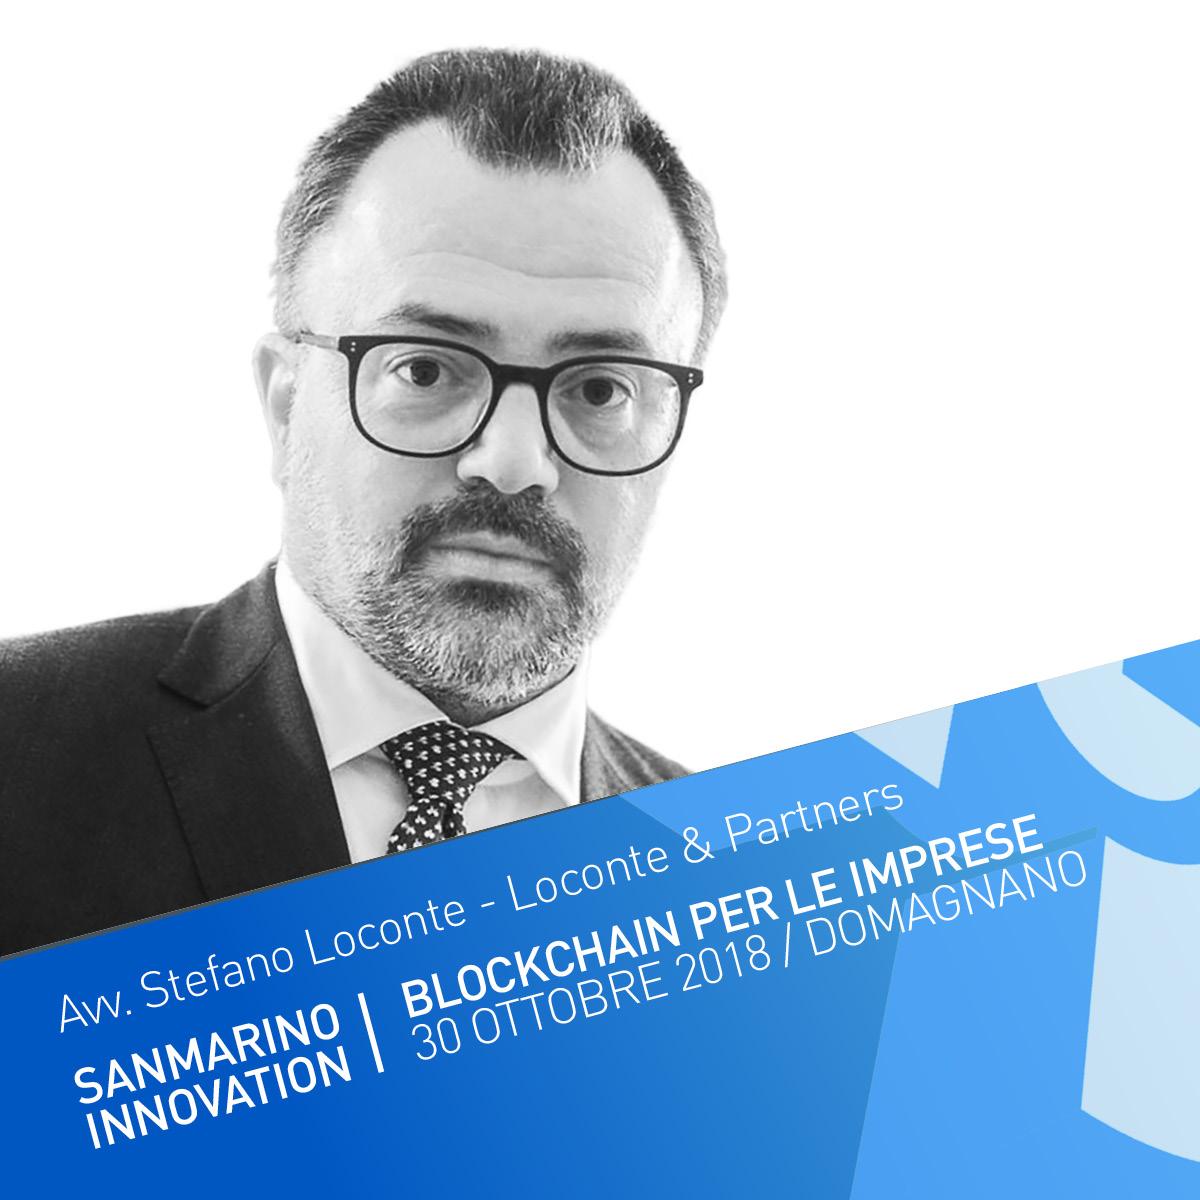 Monetica e fiscalità nella Blockchain - L'Avv. Stefano Loconte è il fondatore dello Studio Legale e Tributario Loconte & Partners. Le sue aree di specializzazione abbracciano il Diritto Societario, Commerciale, Tributario e Internazionale.